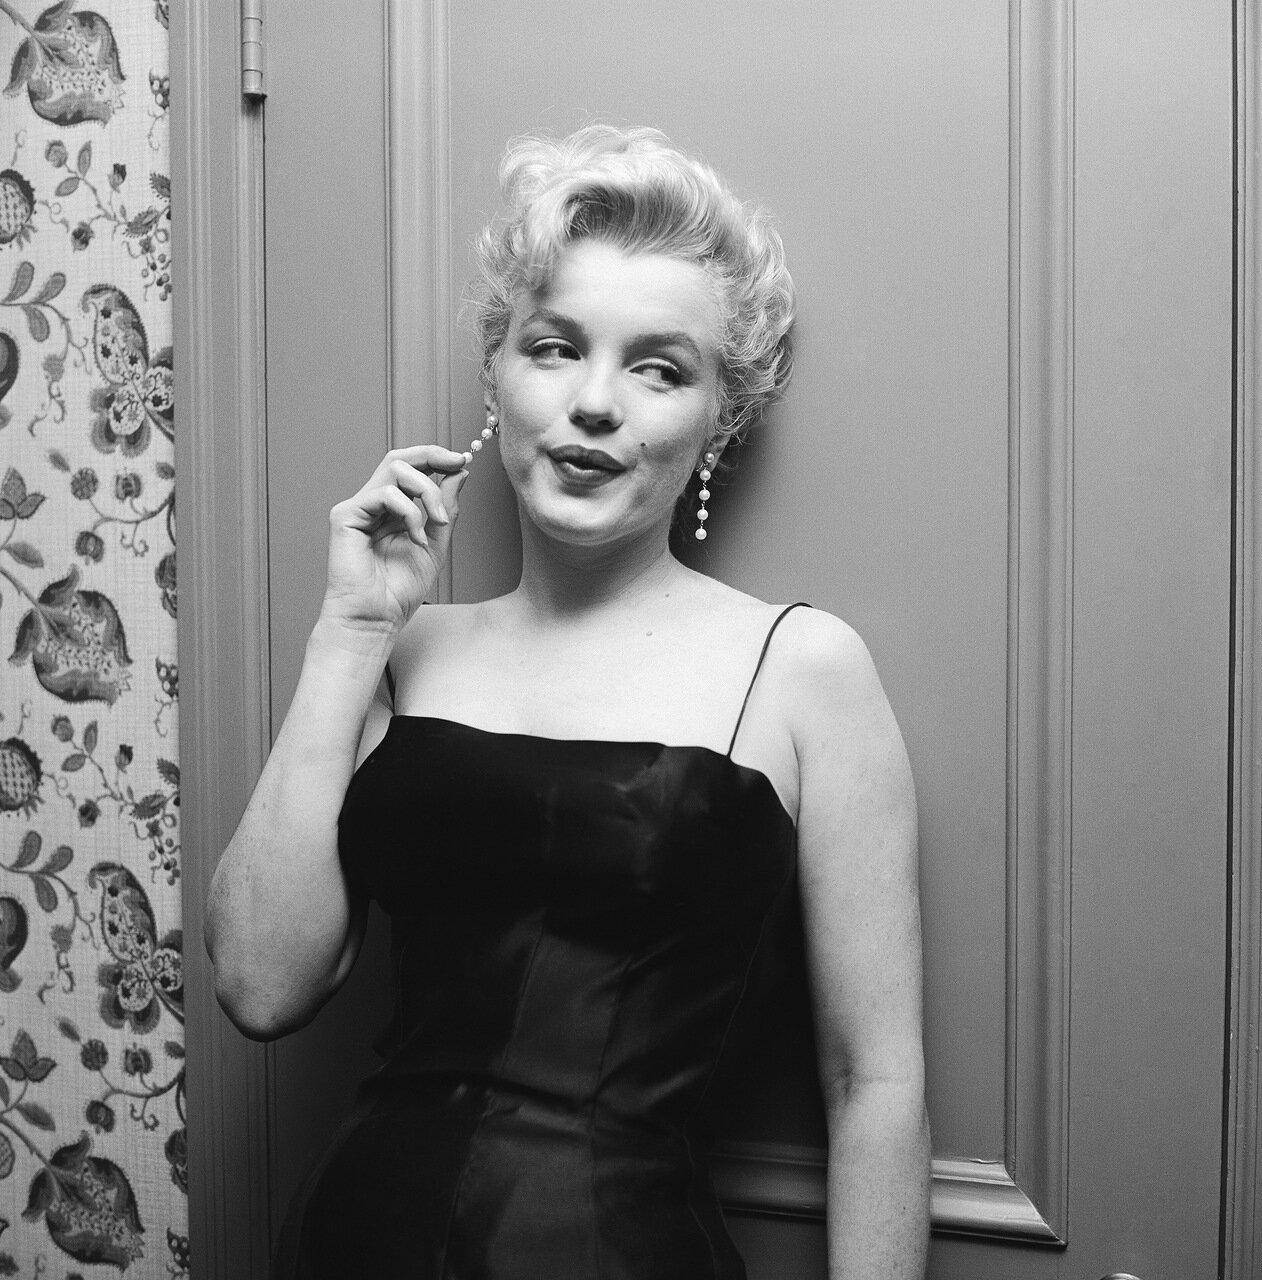 March 3, 1956, Hollywood, Marilyn Monroe